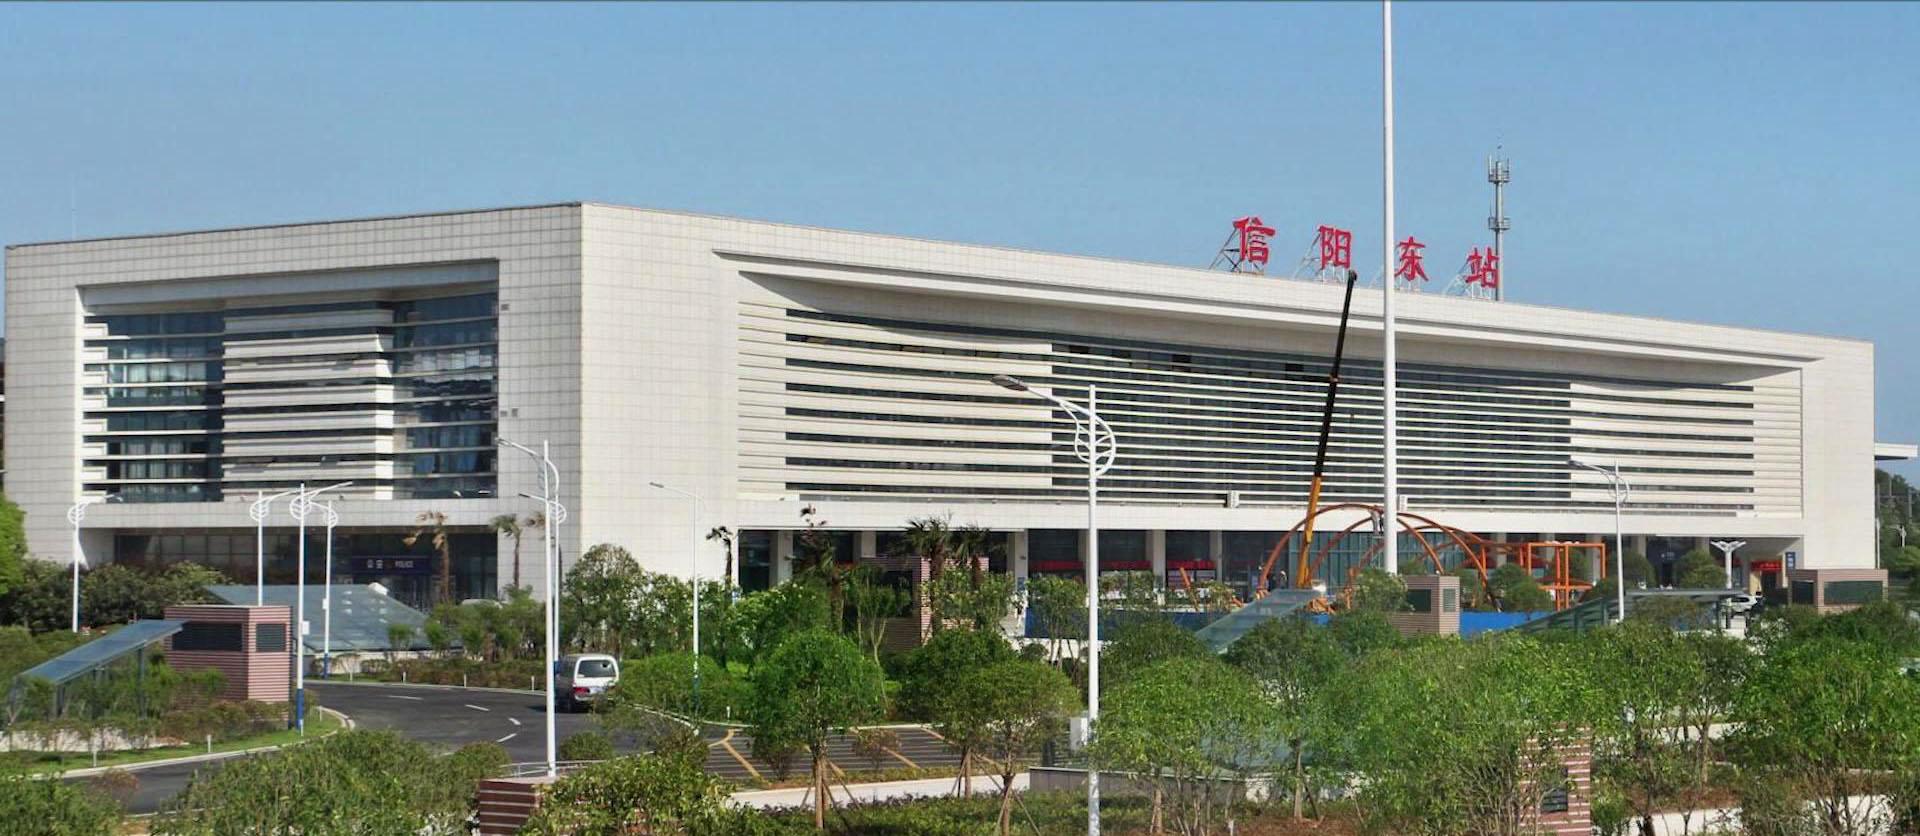 與國內市政交通軌道和機場部分合作項目-信陽高鐵站